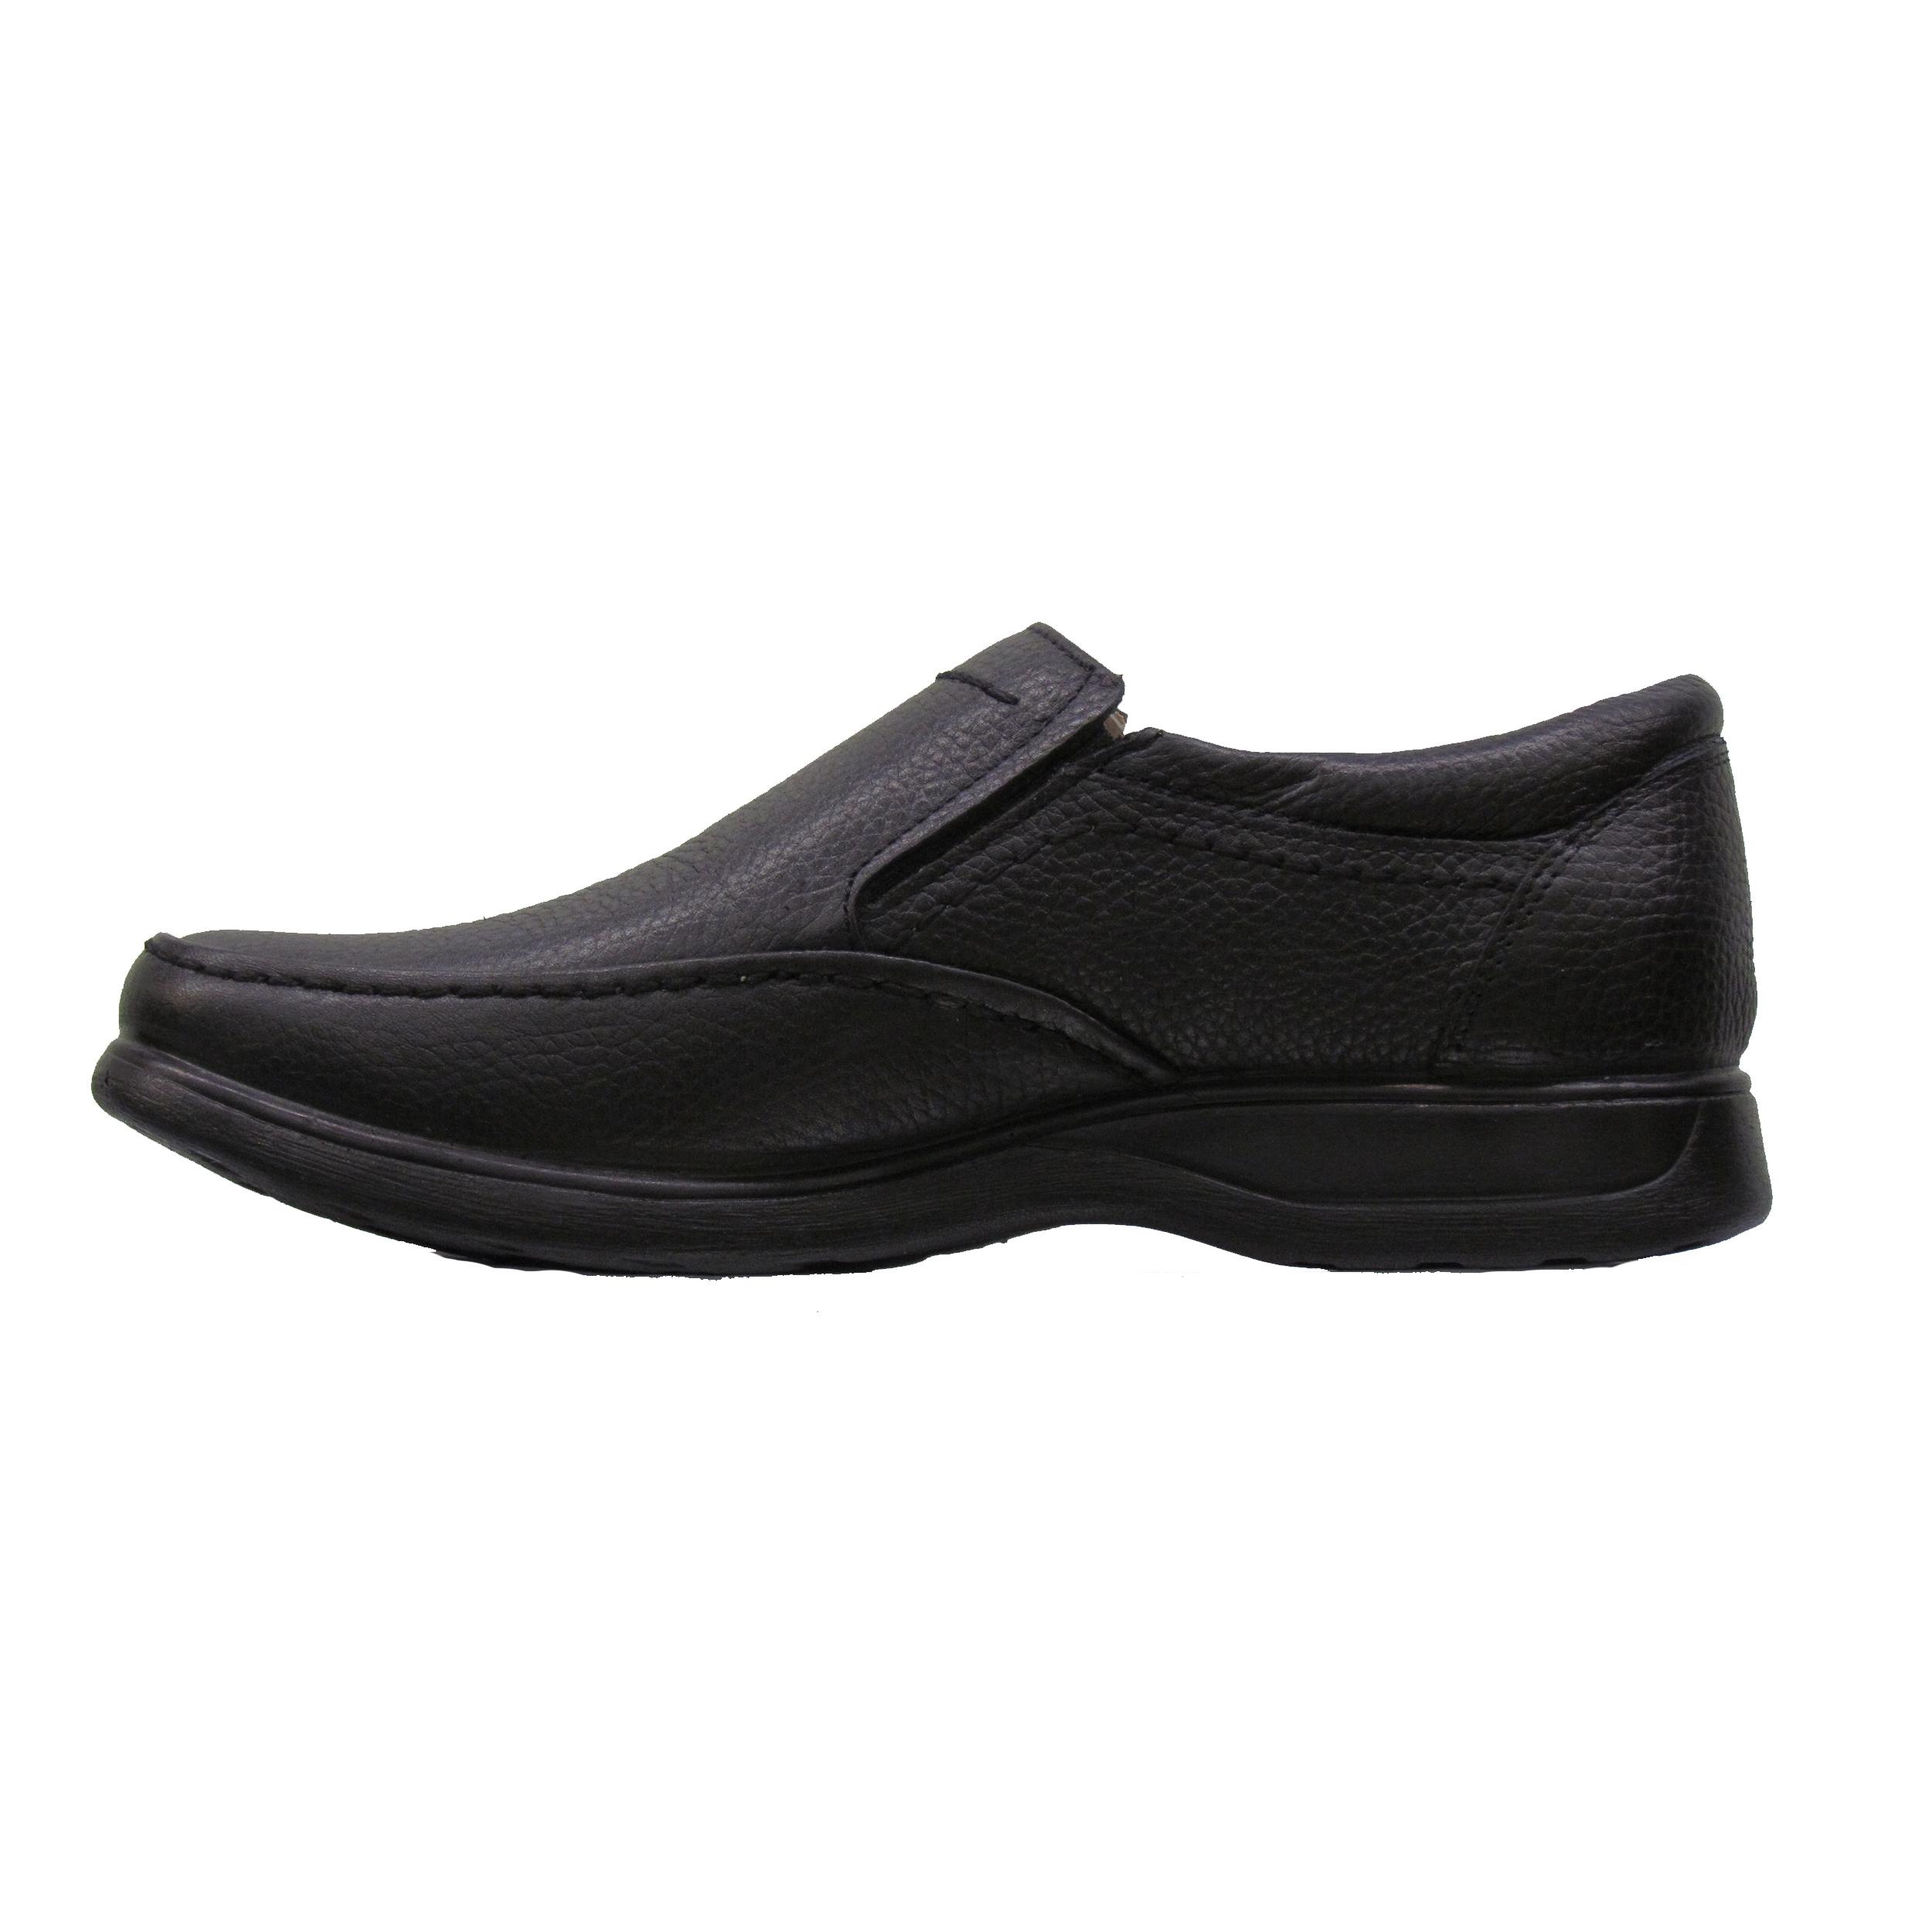 کفش مردانه چرم طبیعی عبدی مدل 1172 MIRACLE